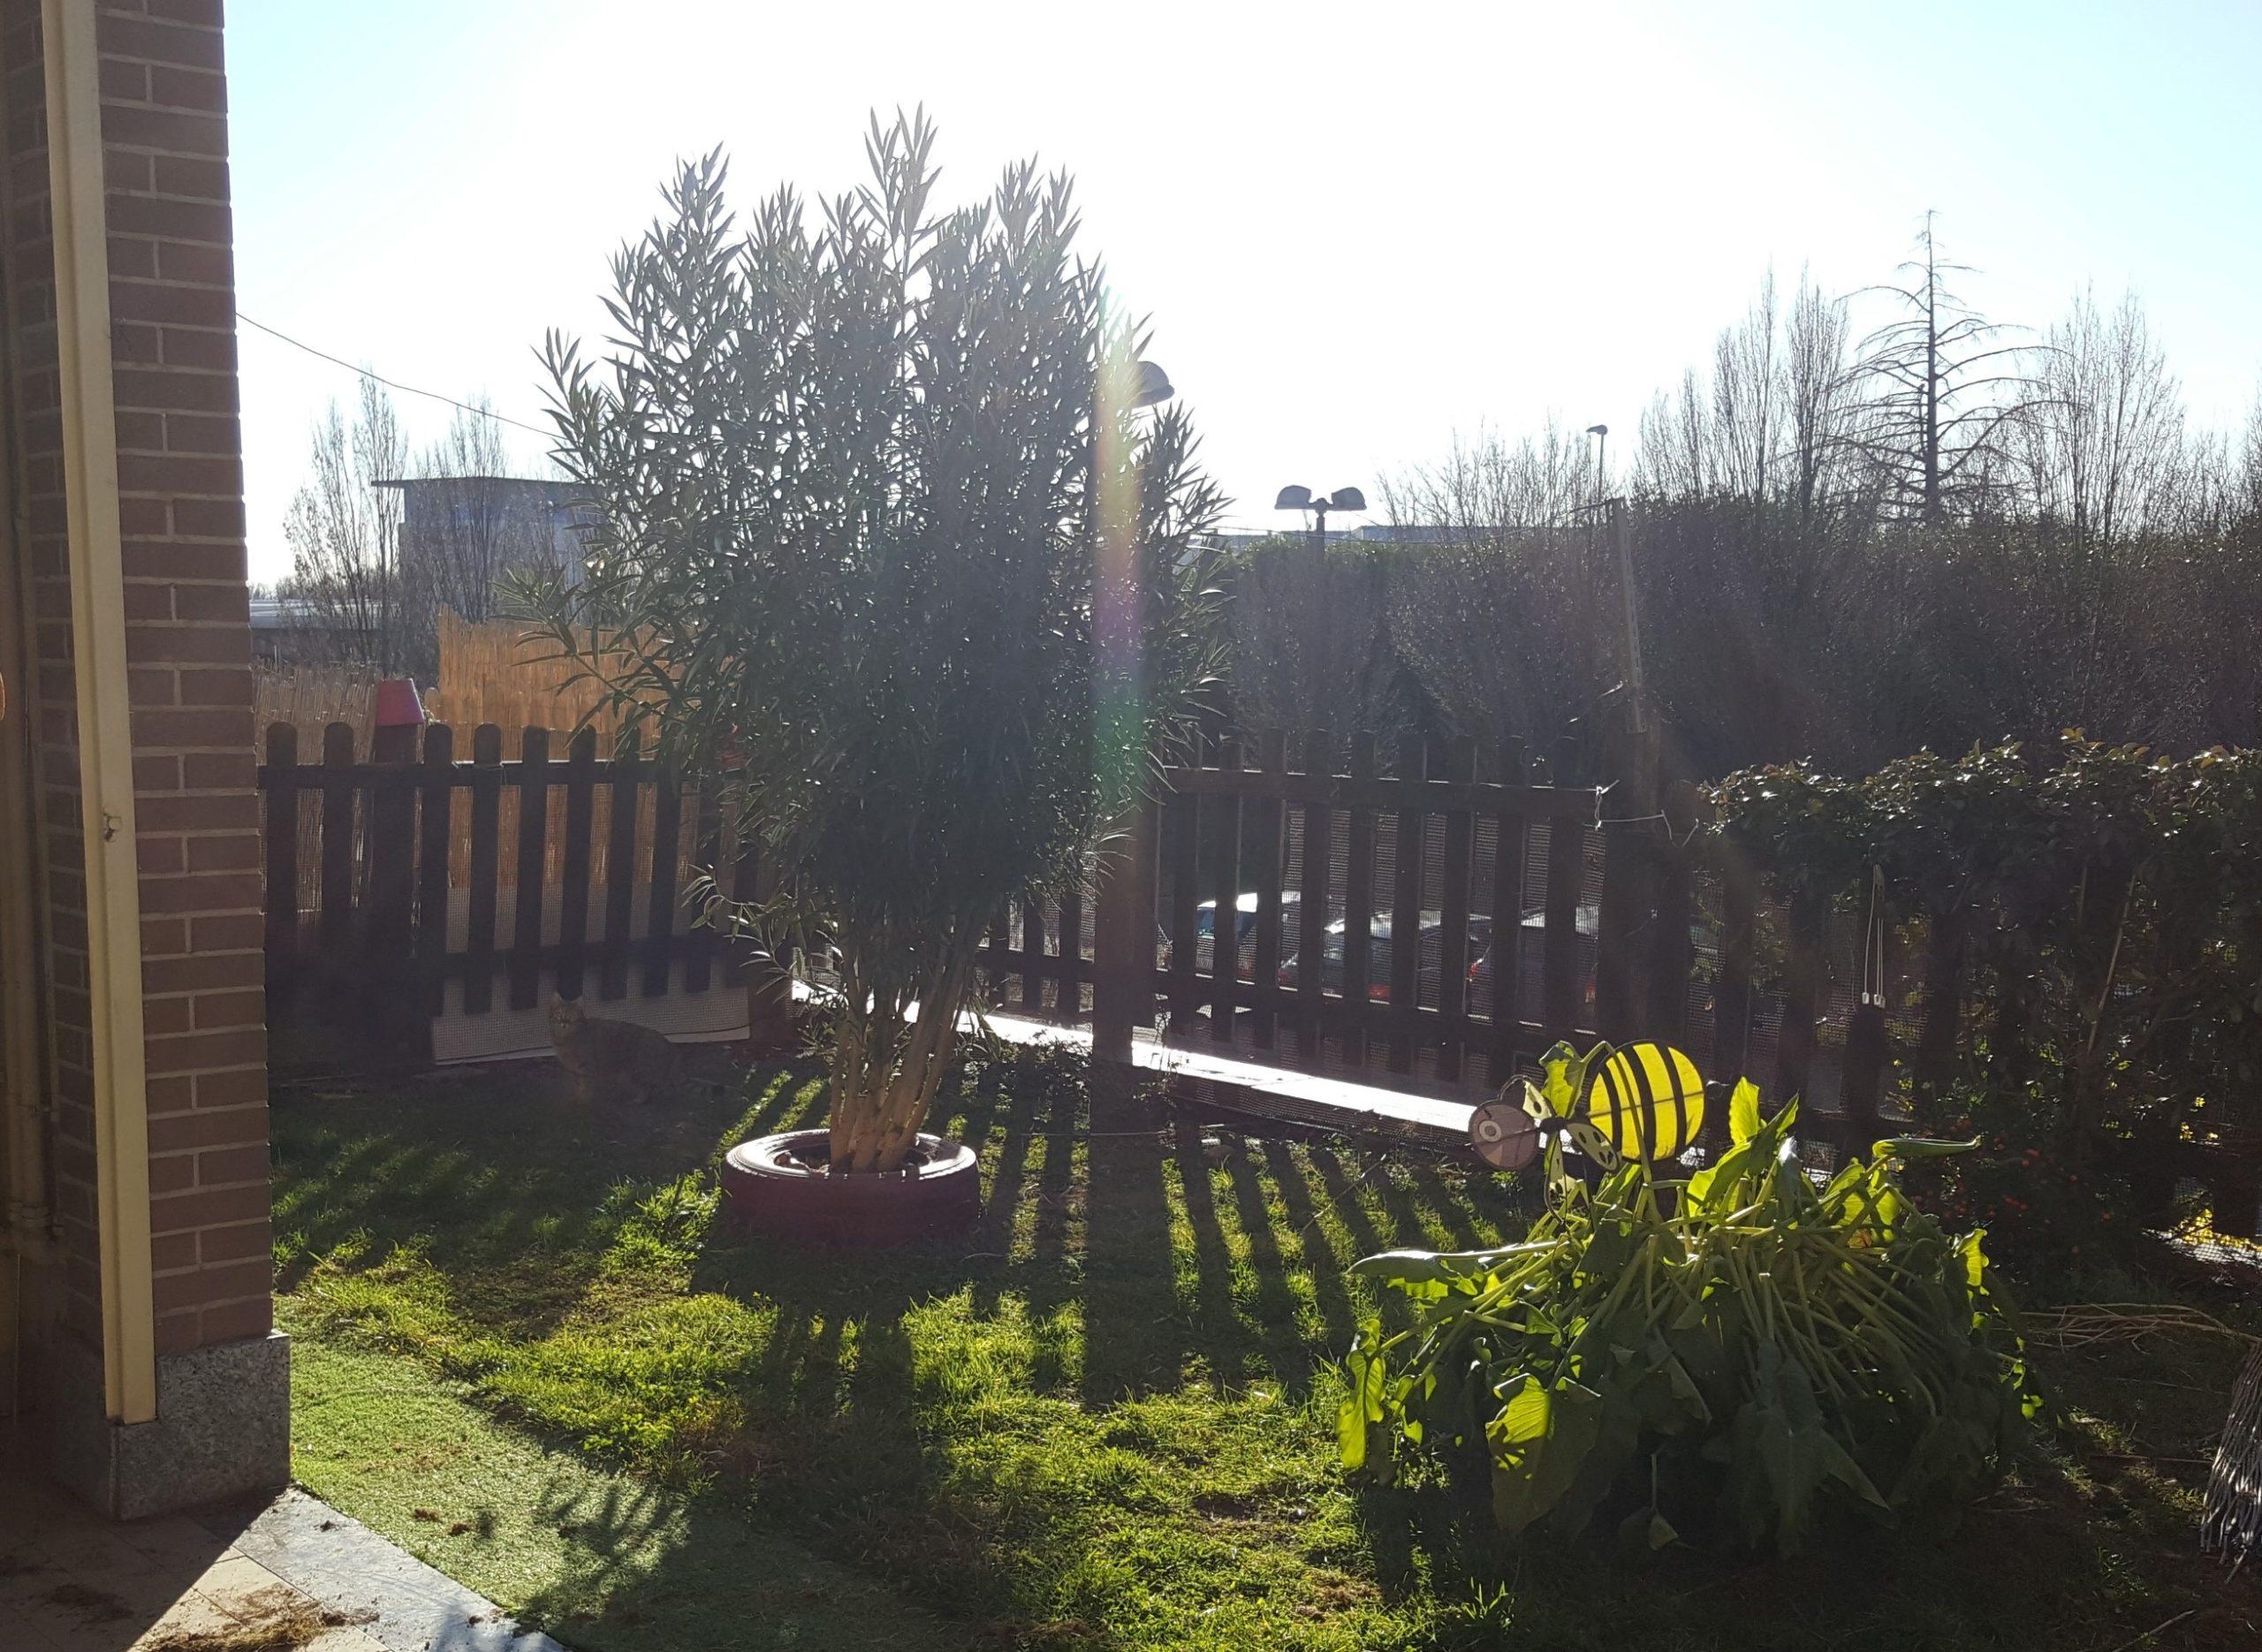 Fagnano Olona in affitto bilocale con giardino privato